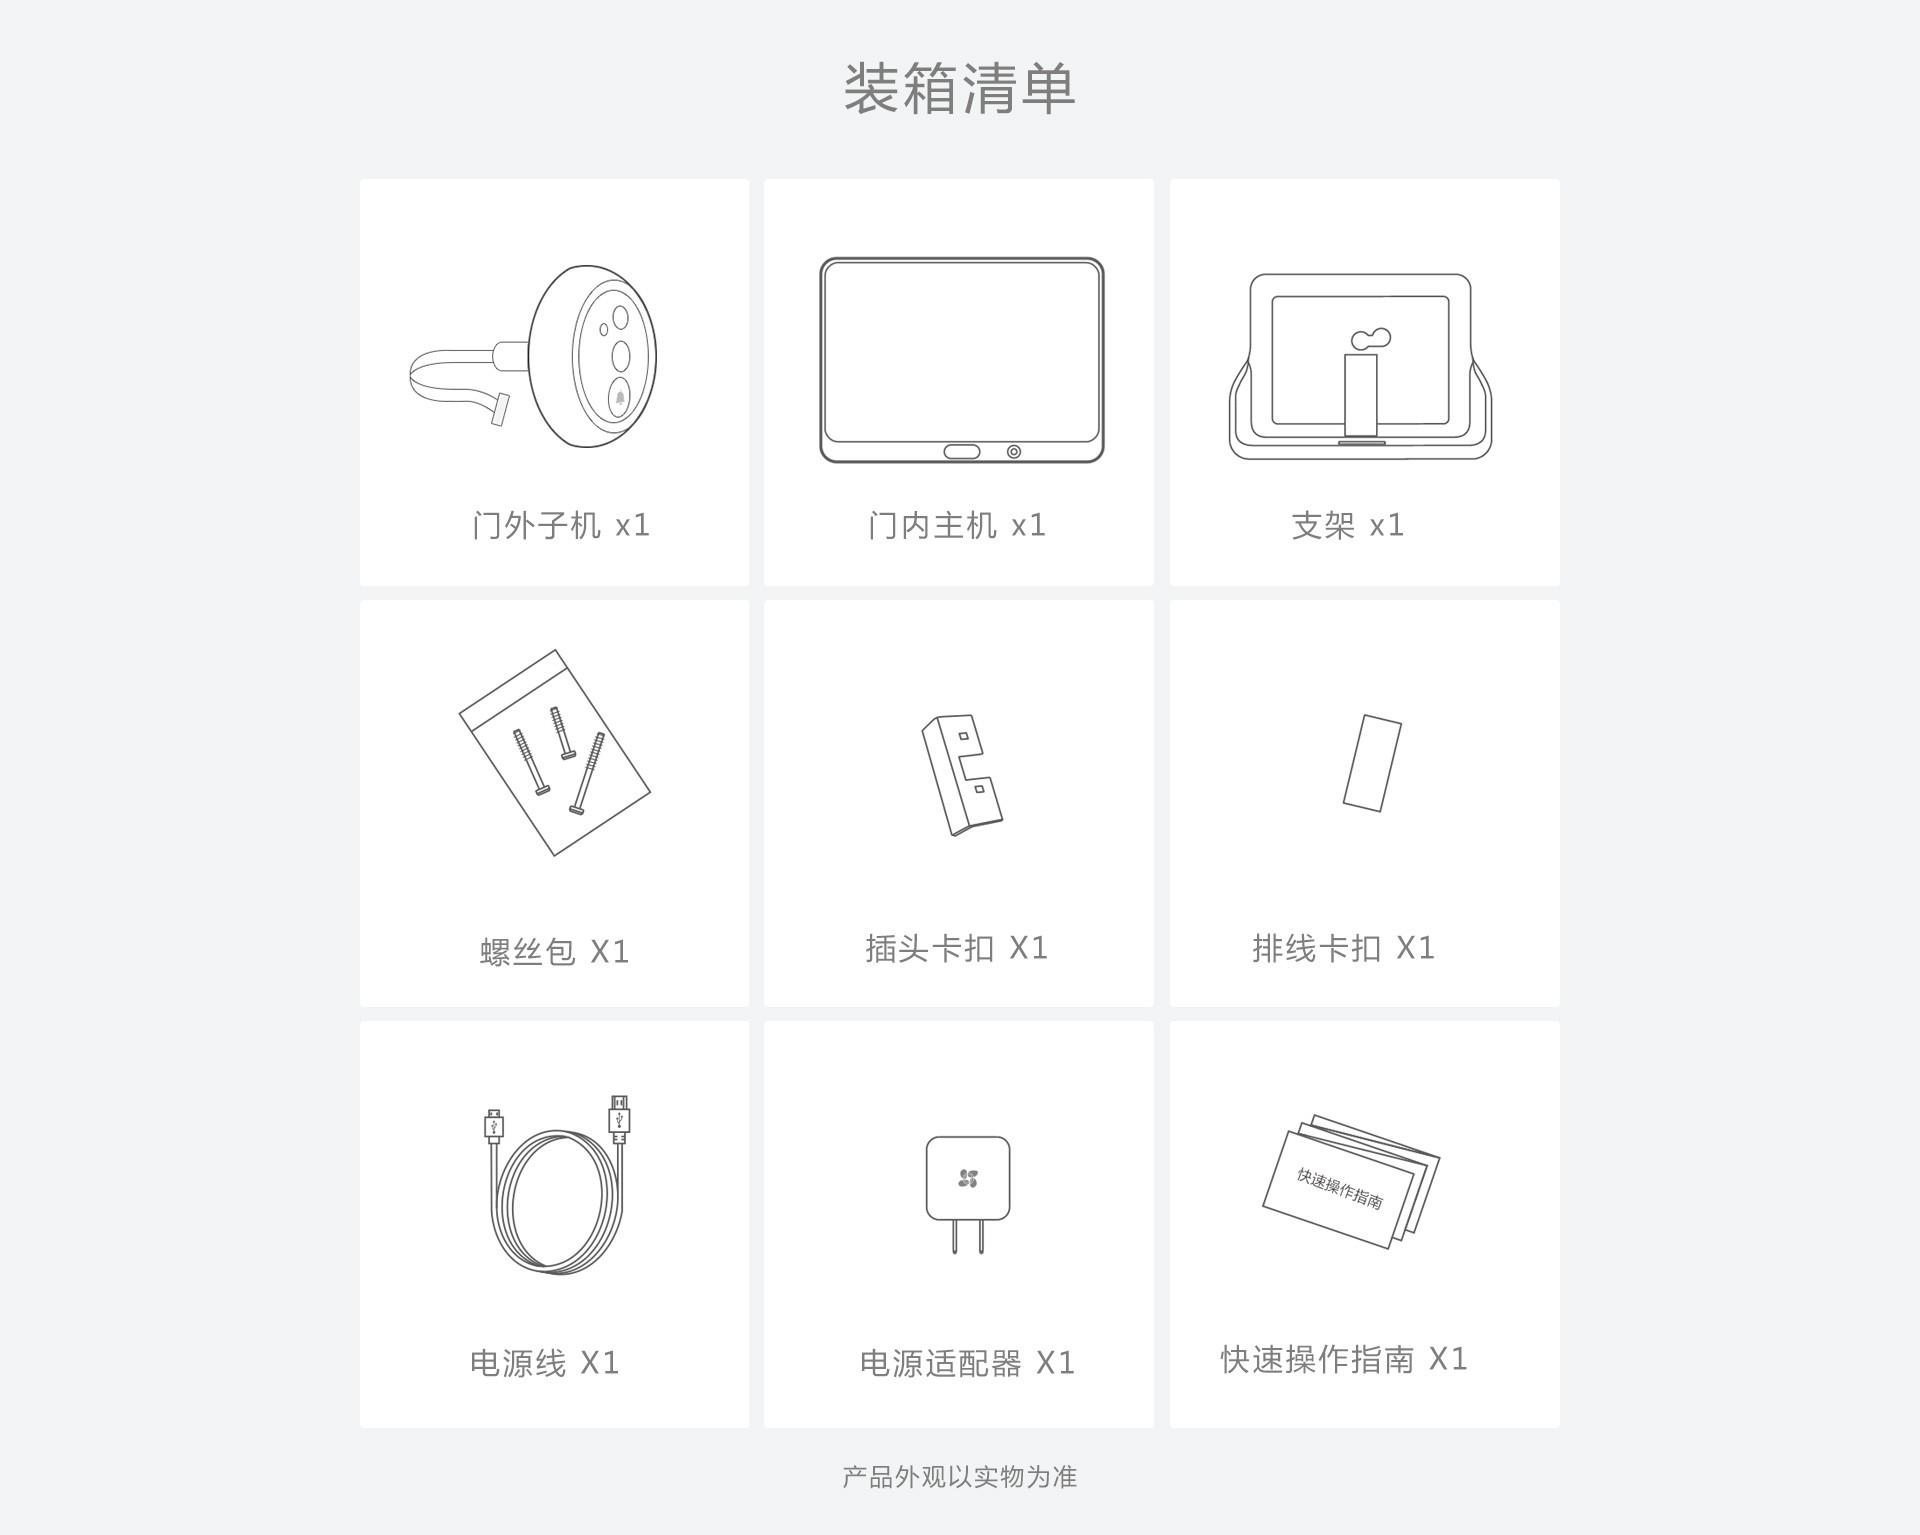 产品外观免责声明更新_官网PC.jpg